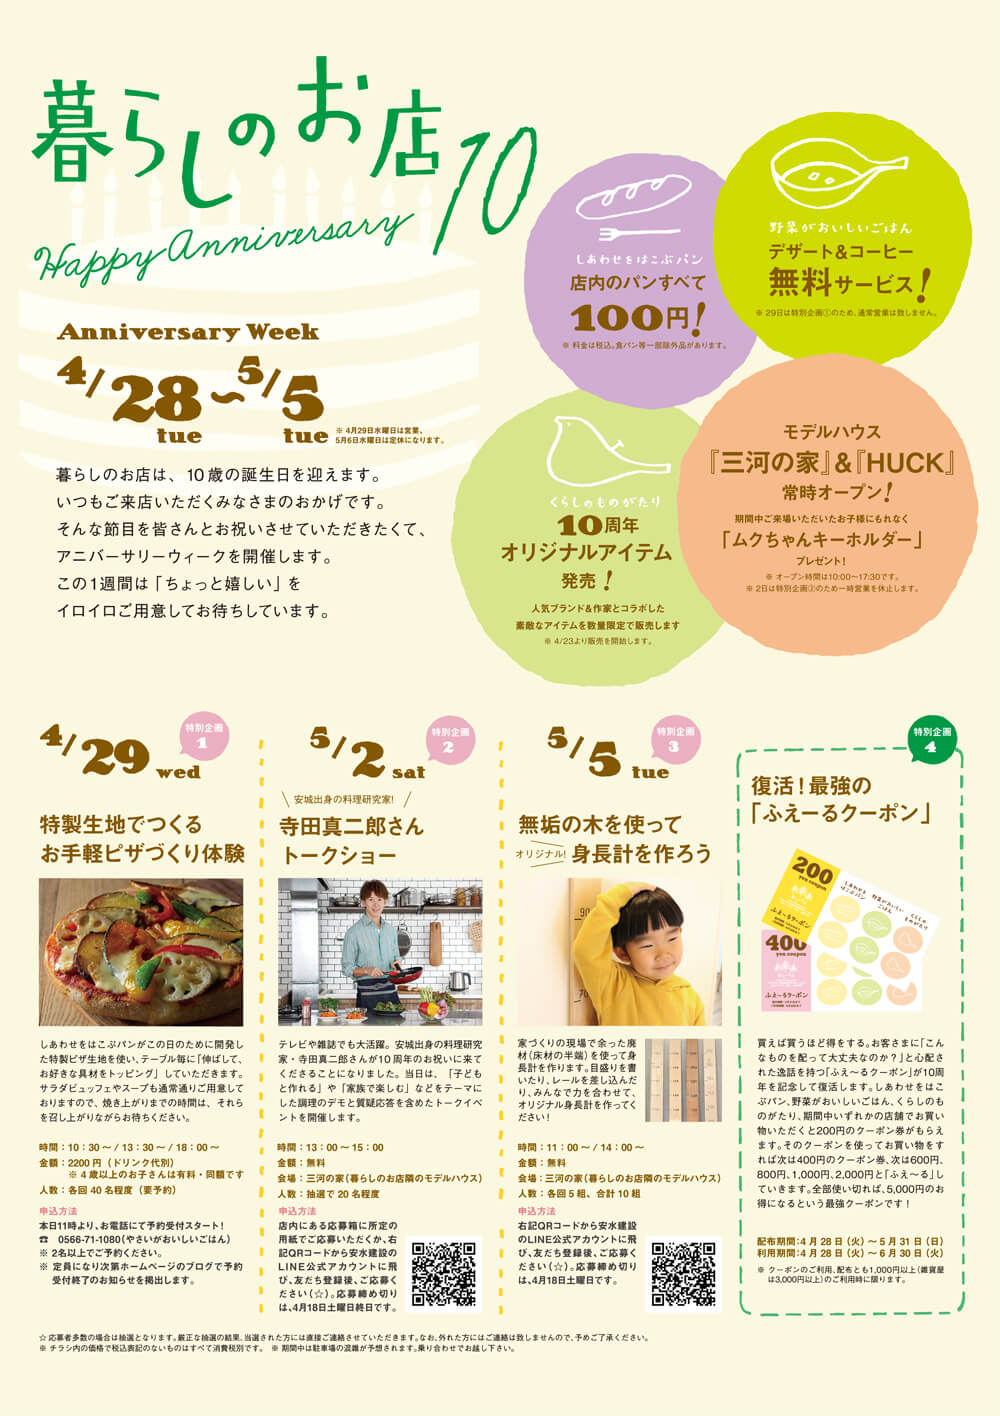 お知らせ|愛知県安城市 暮らしのお店※ピザ作り体験のお知らせ※